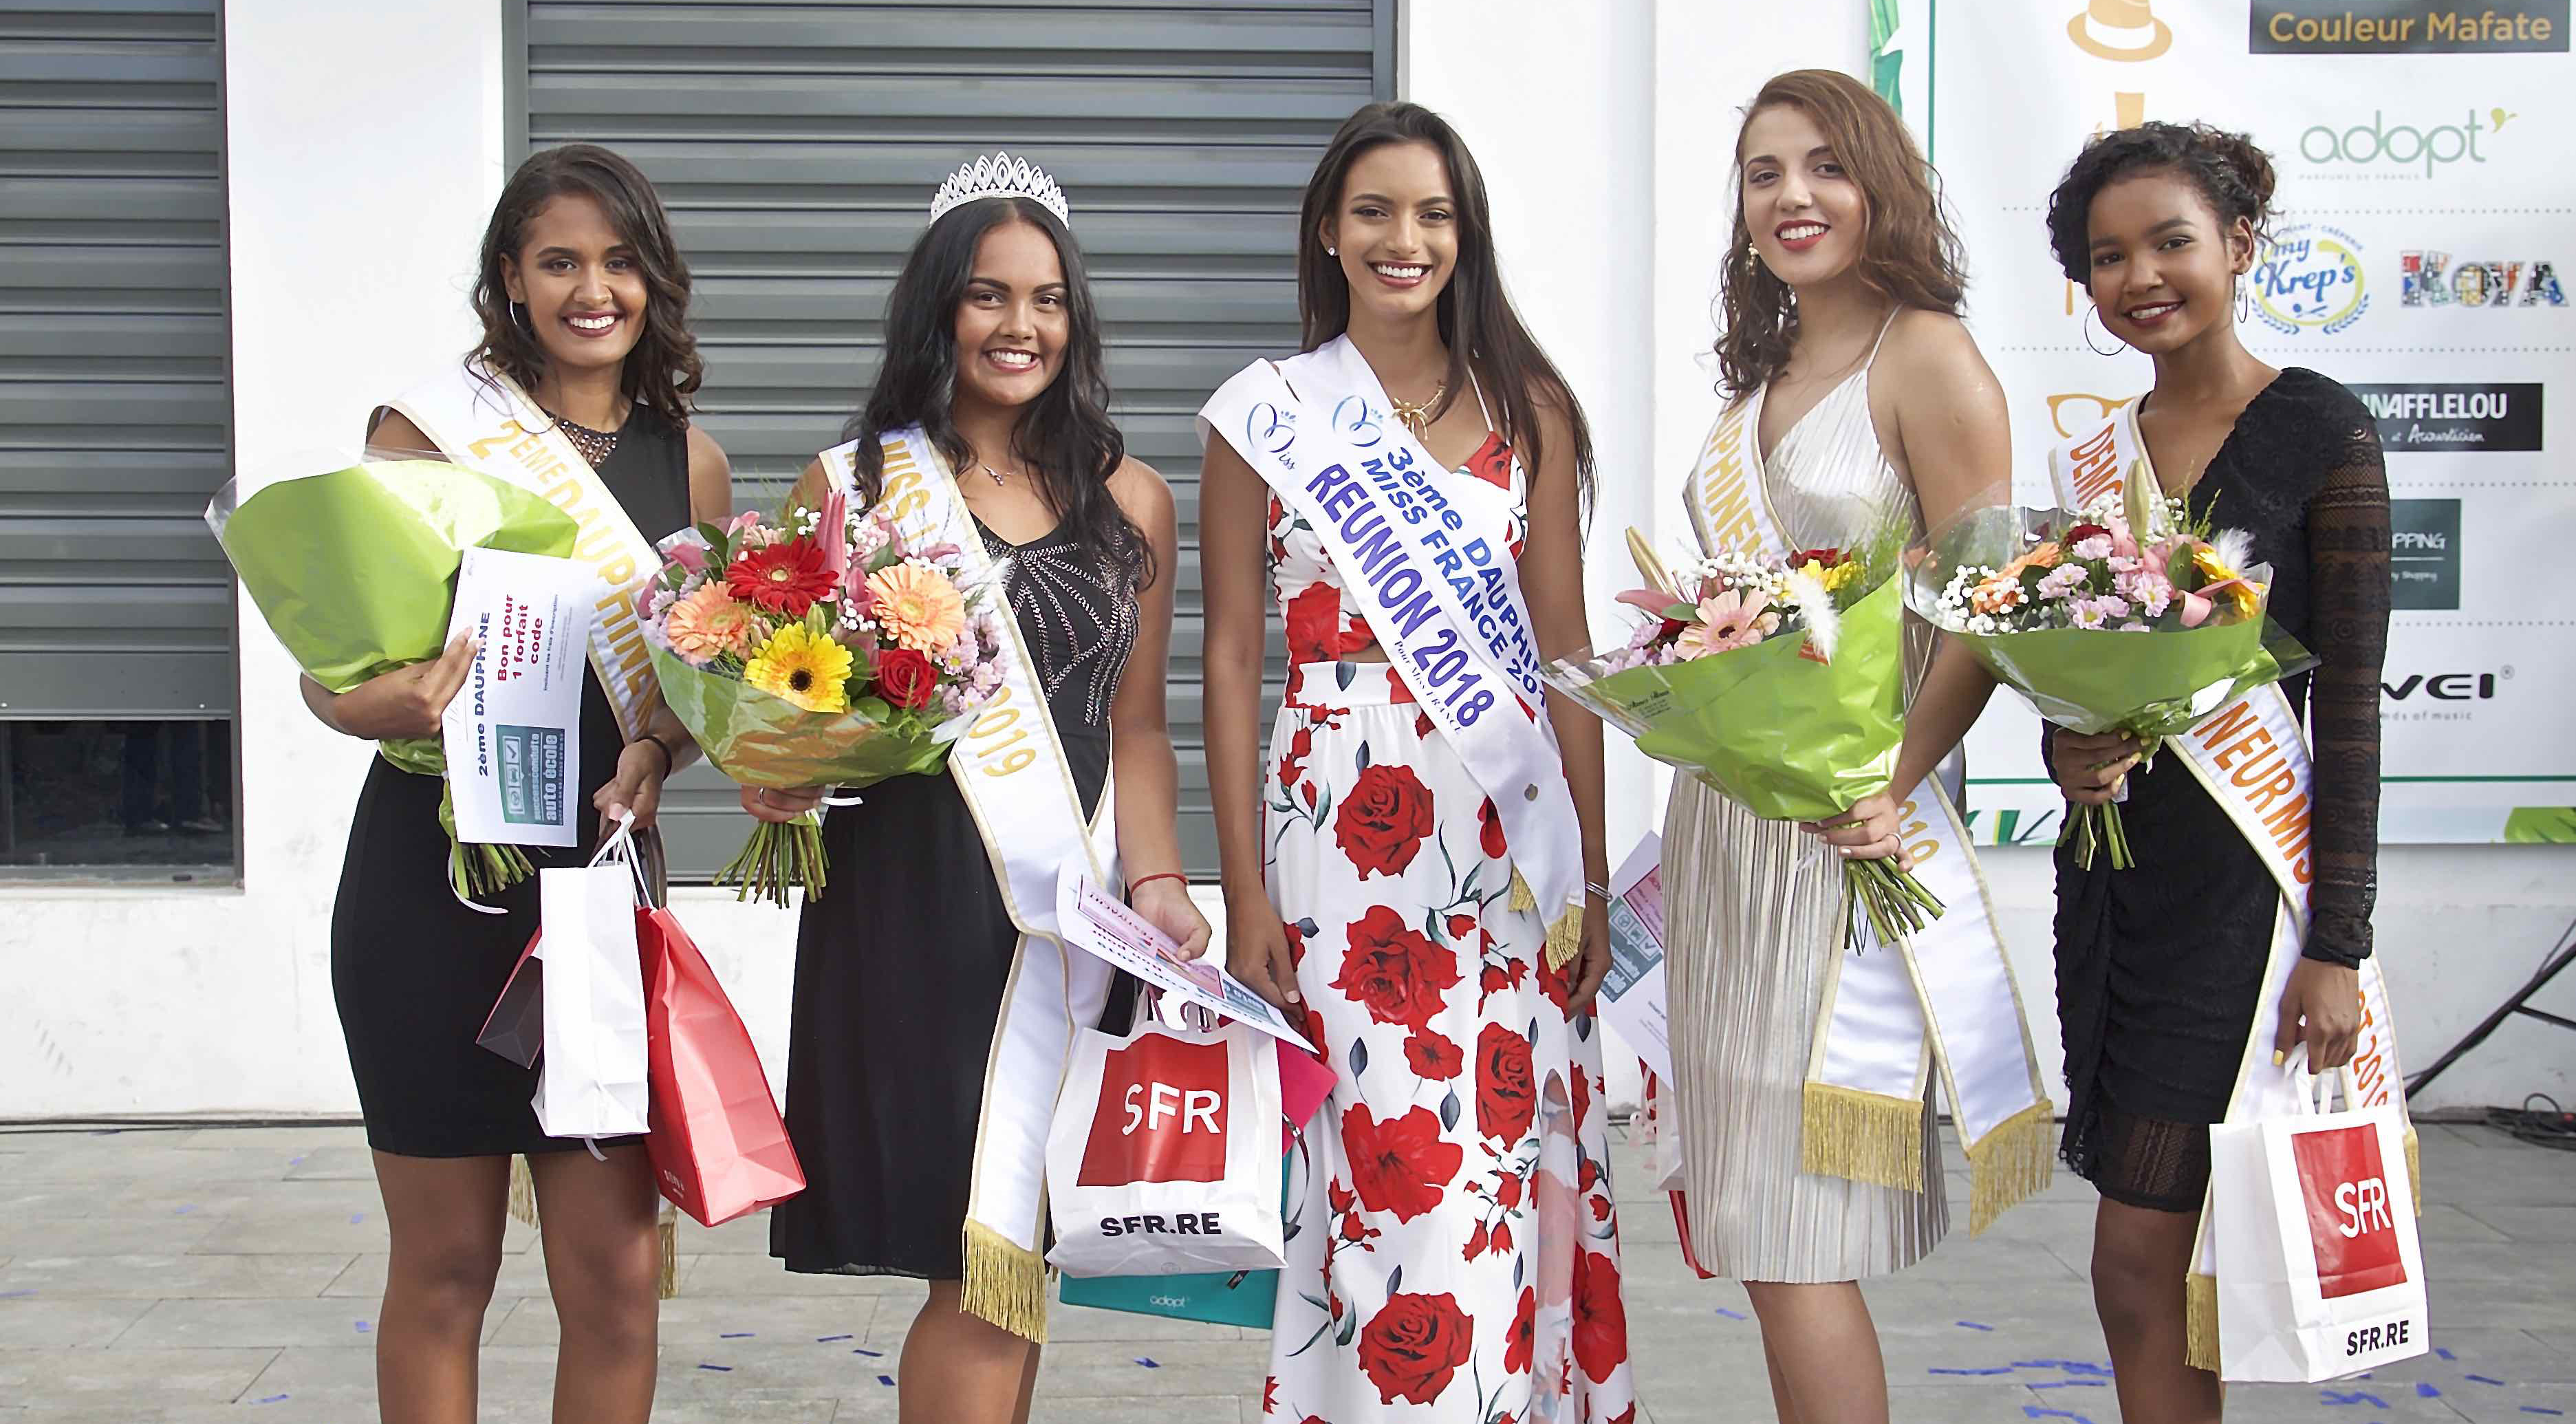 Marie Frontin, 2ème dauphine, Audrey Beaudet, Miss Le Port 2019, Morgane Soucramanien, Miss Réunion 2018, Julie Diemahave, 1ère dauphine, et Gwendoline Bordier, Demoiselle d'Honneur